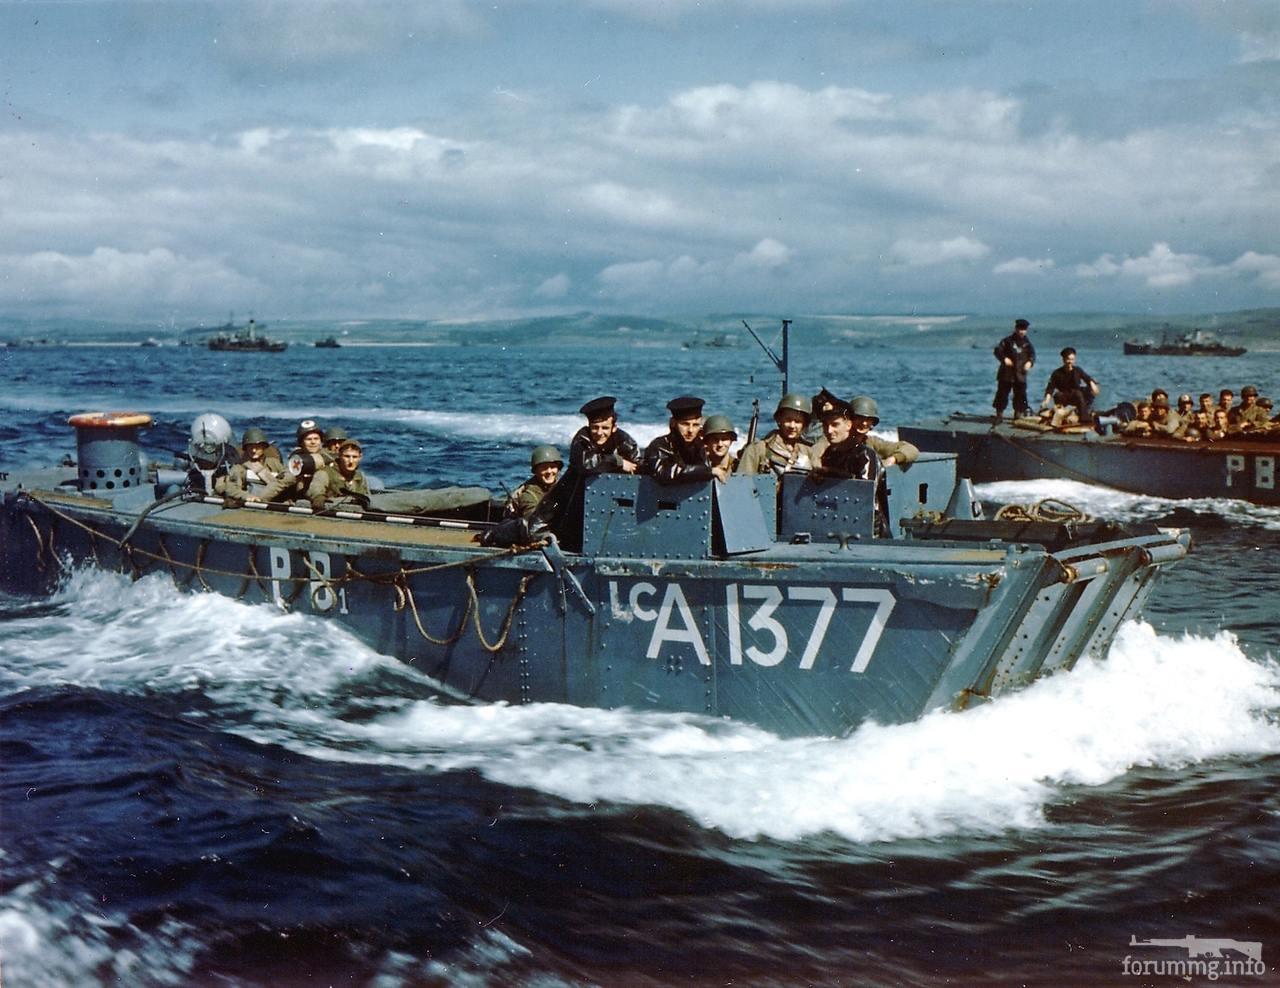 113616 - Военное фото 1939-1945 г.г. Западный фронт и Африка.